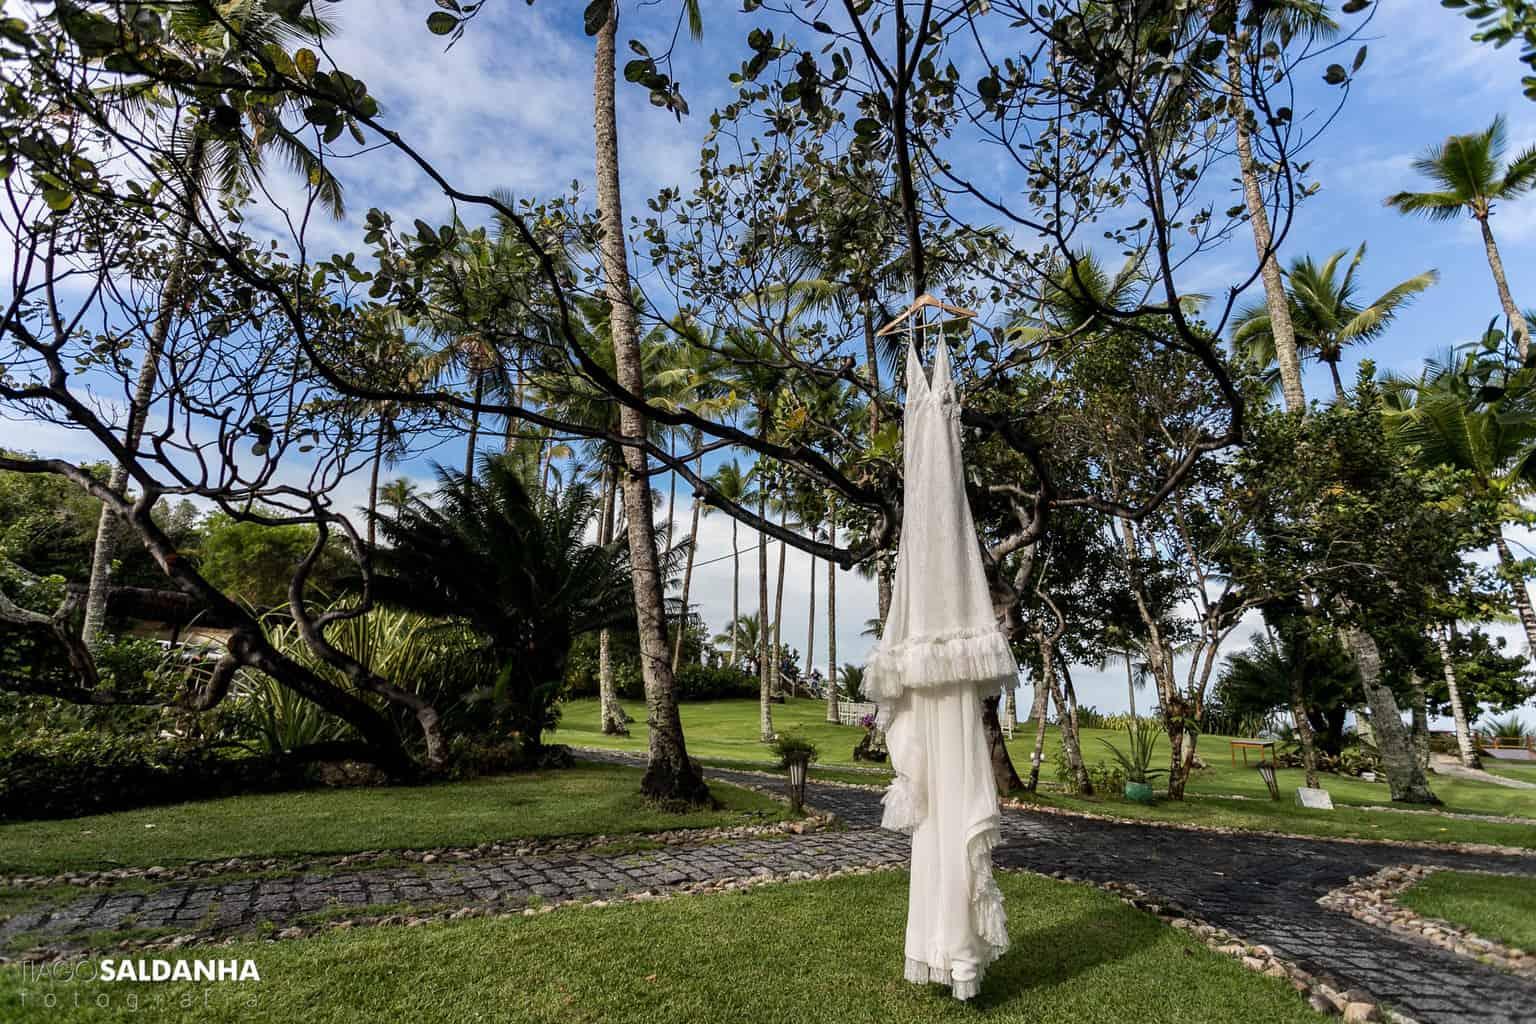 Aliança-no-Espelho-Casamento-Chandrélin-e-Laureano-cerimonia-na-praia-Chan-e-Lau-making-of-Rio-da-Barra-Vanessa-Lucietto-vestido-de-noiva9